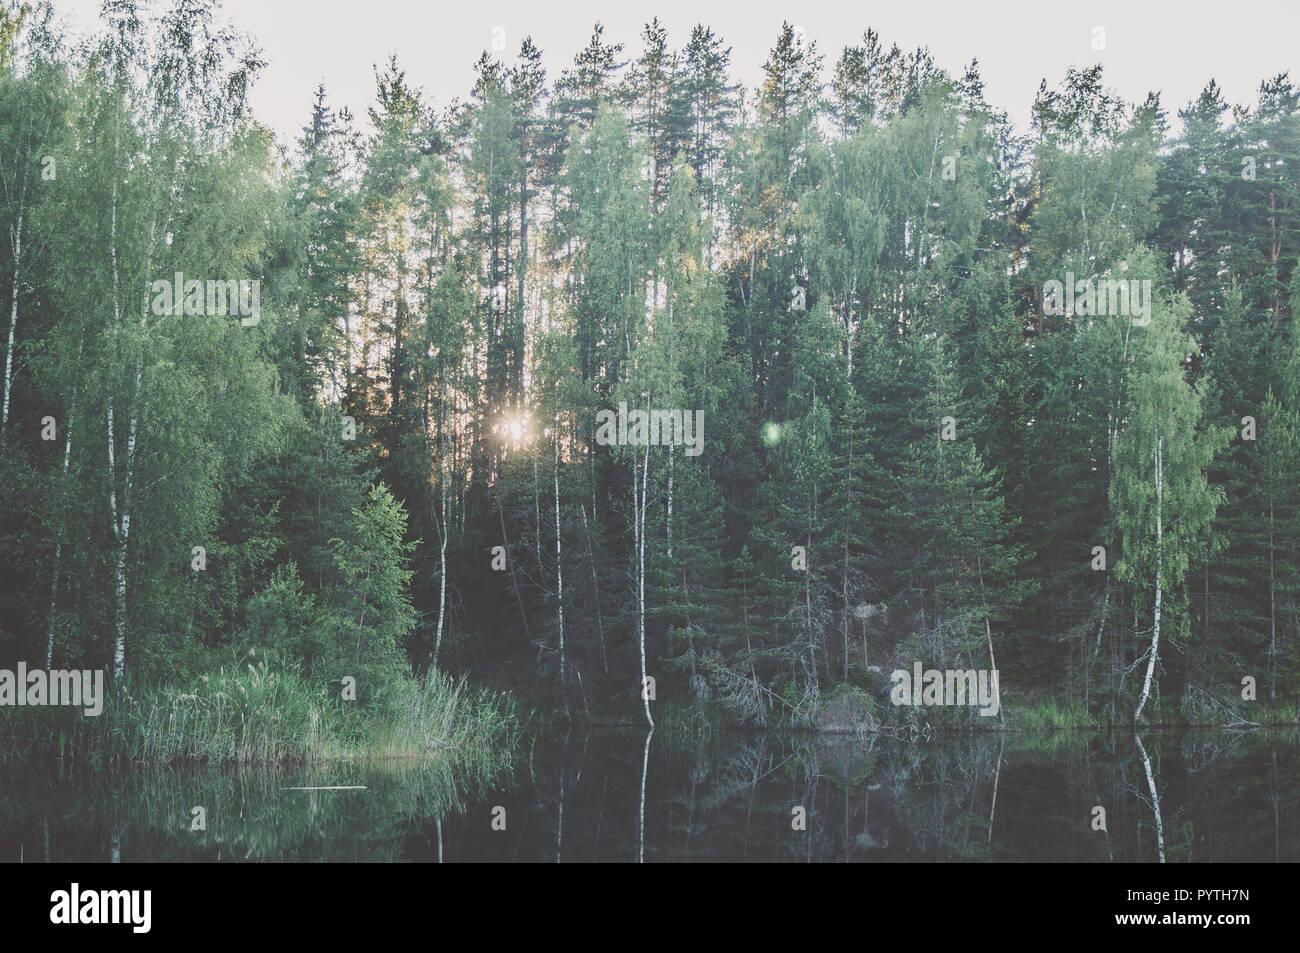 Paysage verdoyant avec des arbres et de réflexion dans l'eau. L'heure d'été. Photo Stock